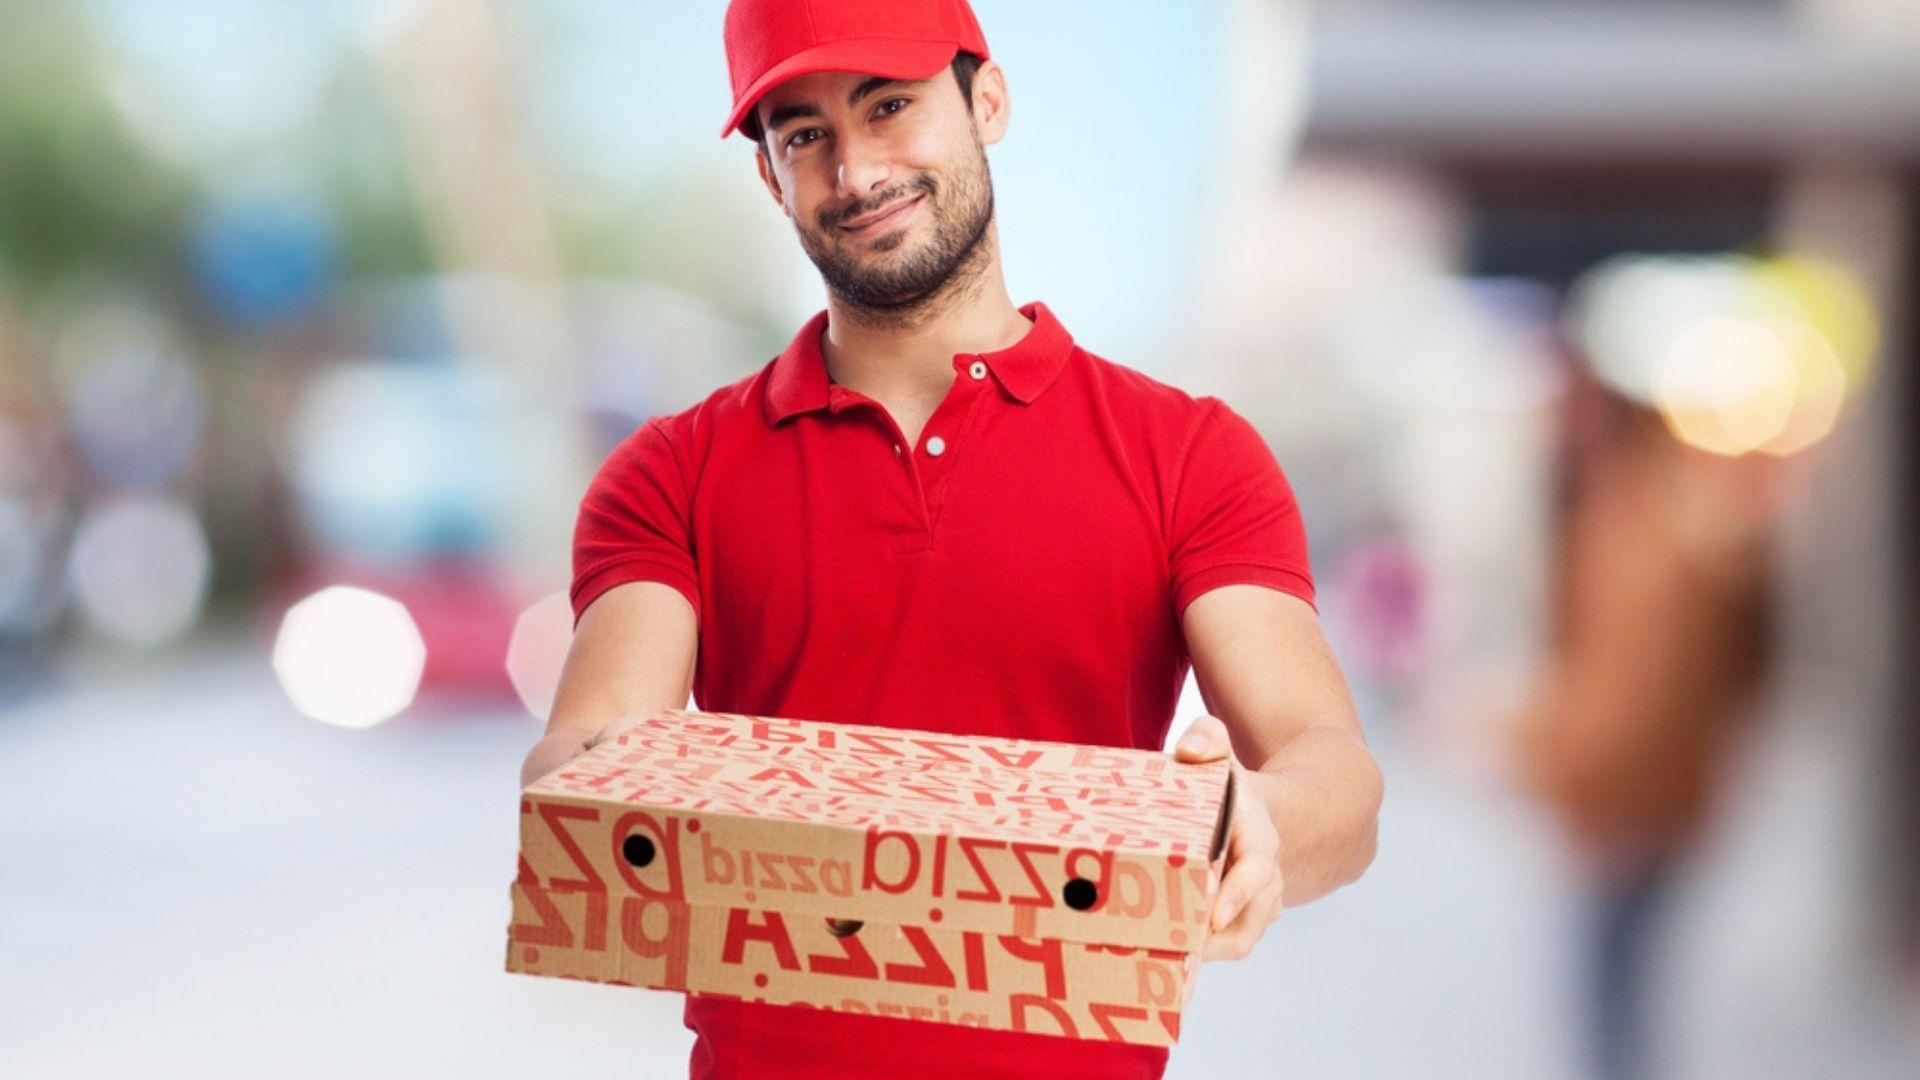 Angajatul unei pizzerii, surprins când se răzbună pe mâncarea unui client, după ce află că nu primește bacșiș. VIDEO